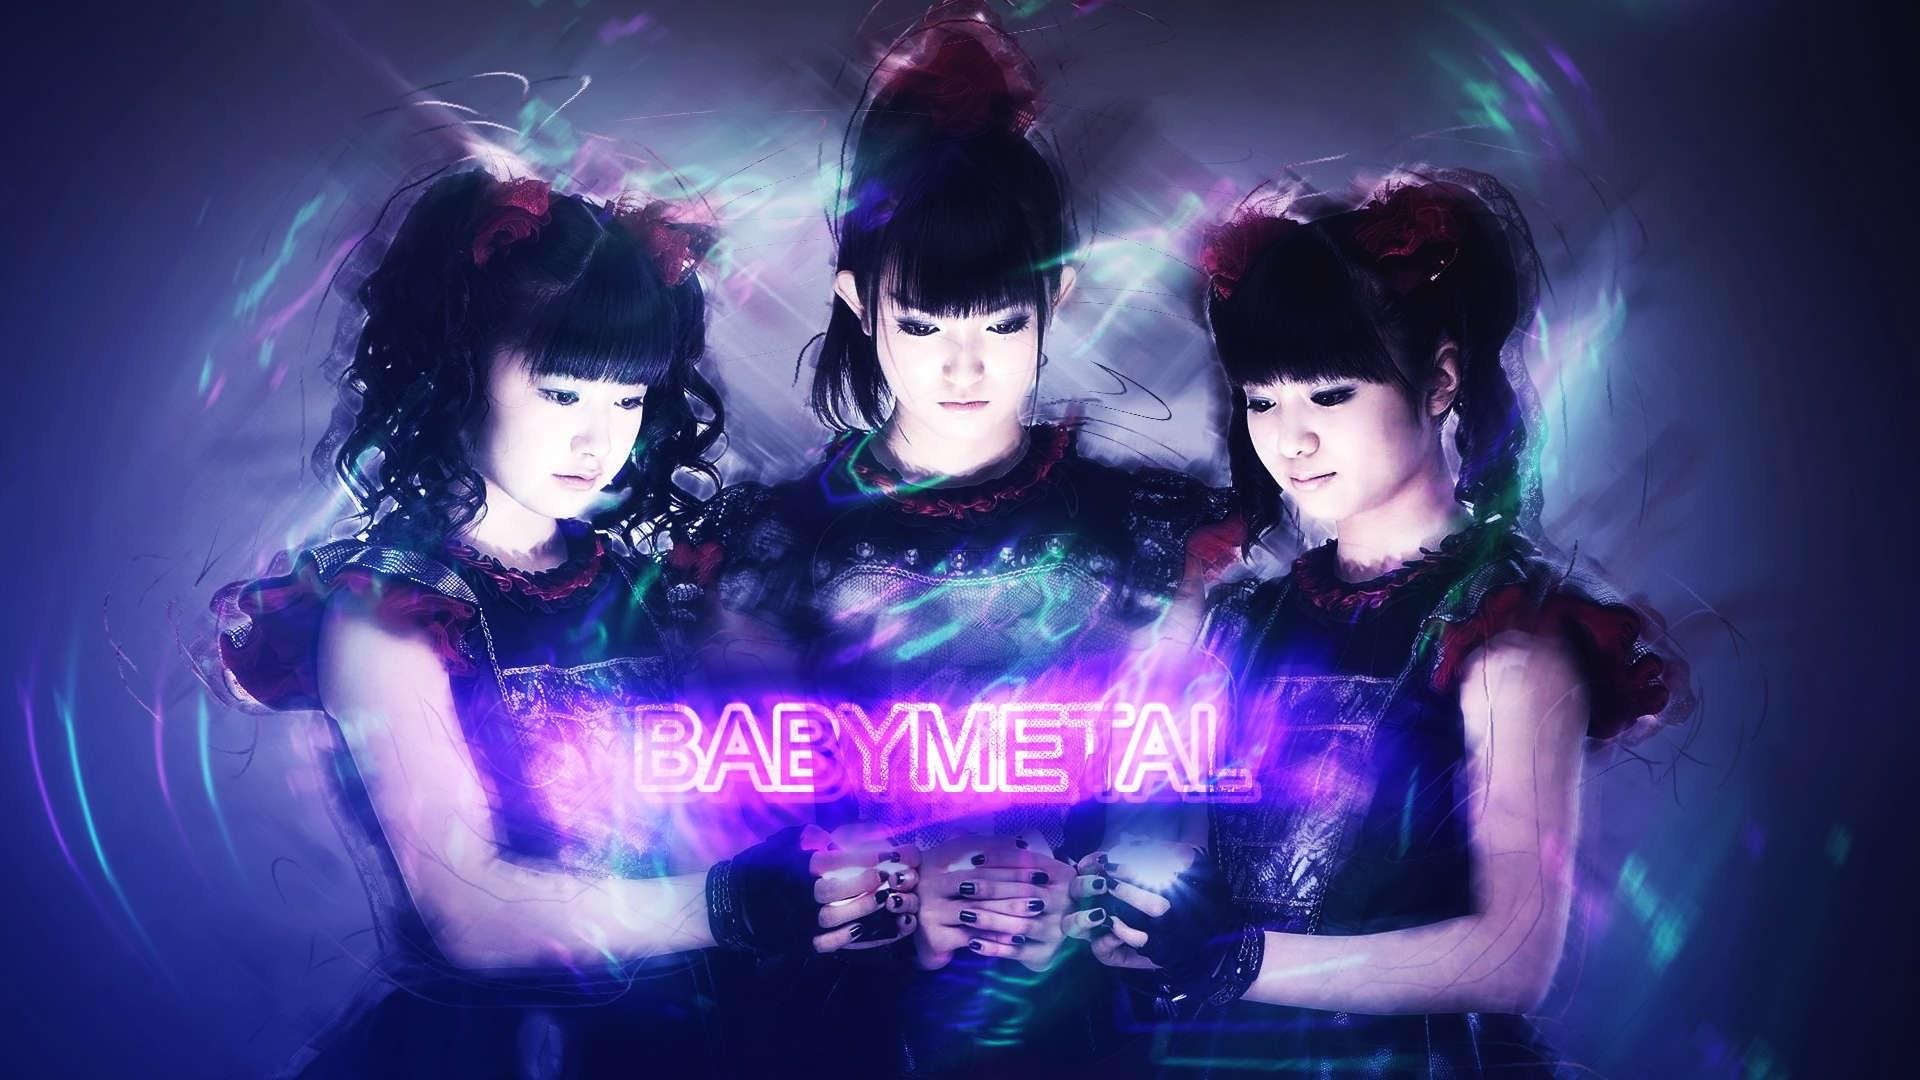 Yui Mizuno Suzuka Nakamoto Moa Kikuchi J Pop Babymetal Babymetal Hd Wallpaper Backgrounds Download